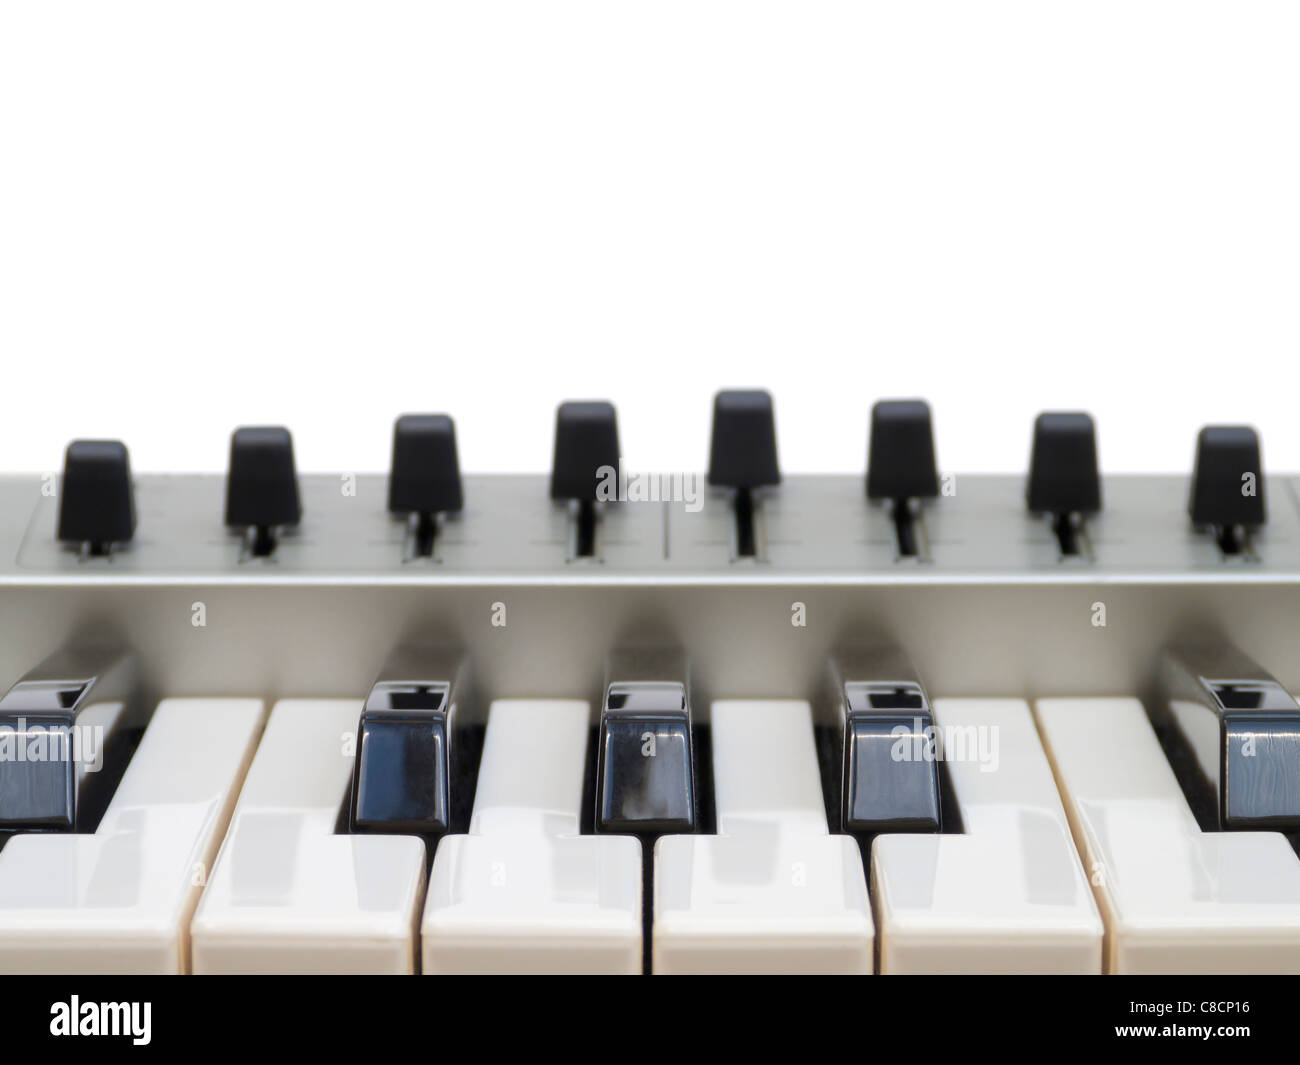 Midi Keyboard - Stock Image